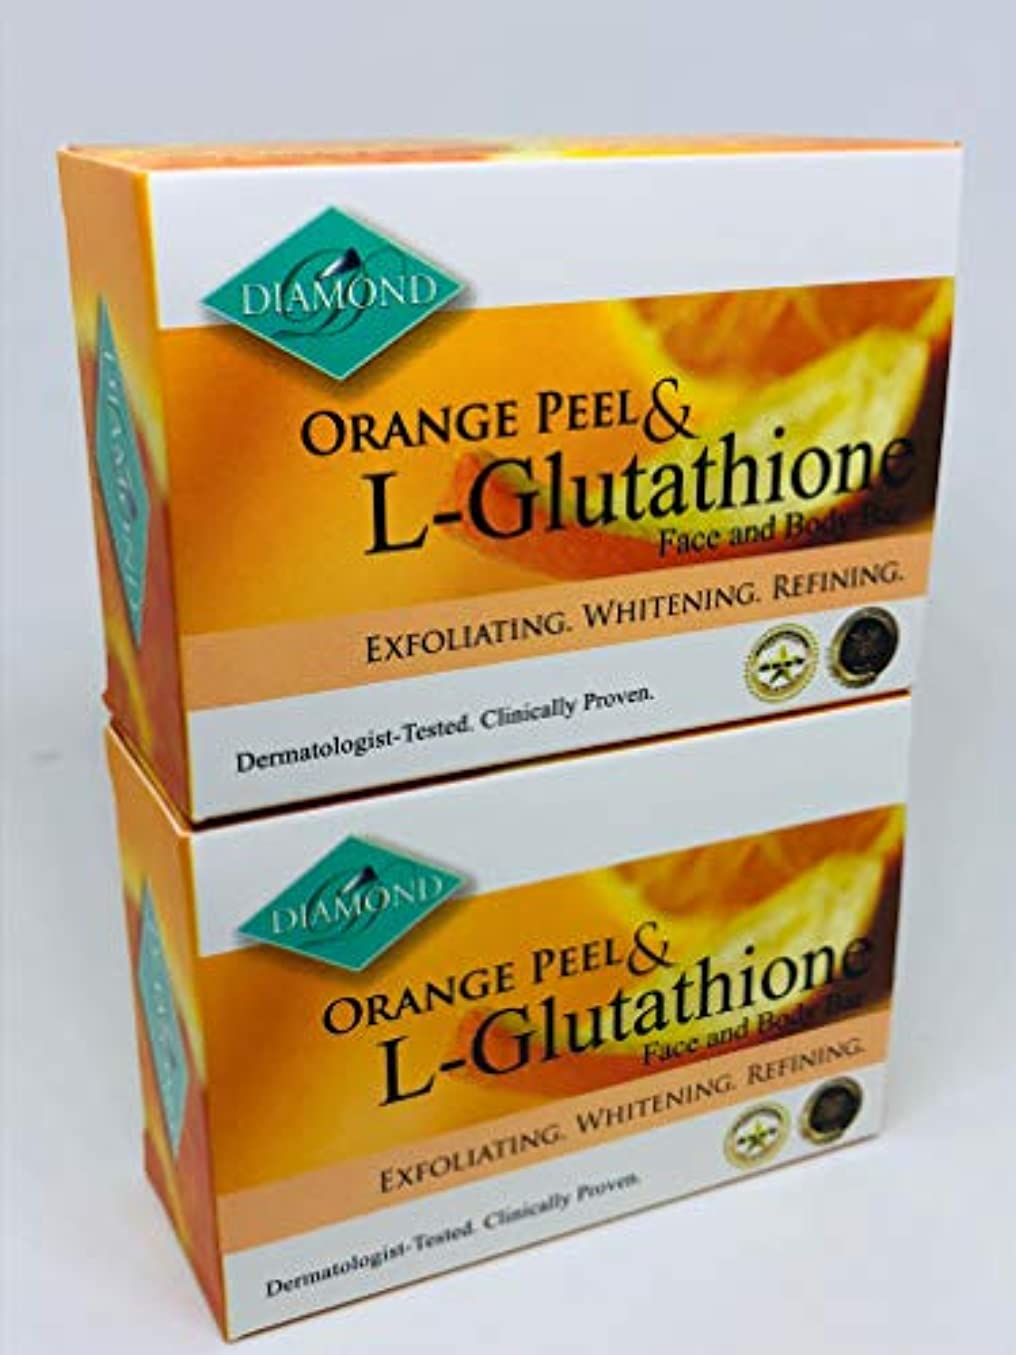 そばにしてはいけない致命的DIAMOND ORANGE PEEL&Glutathione soap/オレンジピール&グルタチオン配合ソープ(美容石けん) 150g×2個 正規輸入品